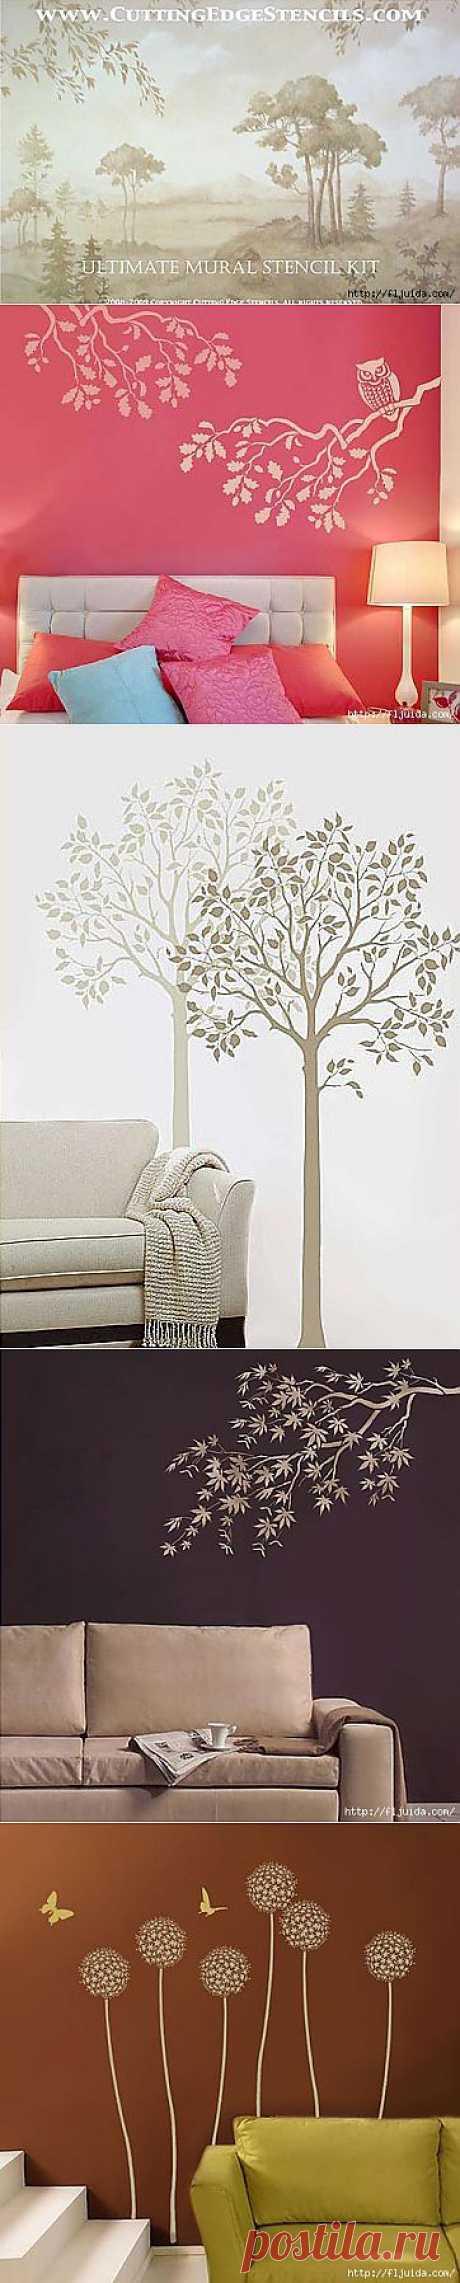 3 часть. Шикарные цветочные трафареты для оформления стен и декора!!.